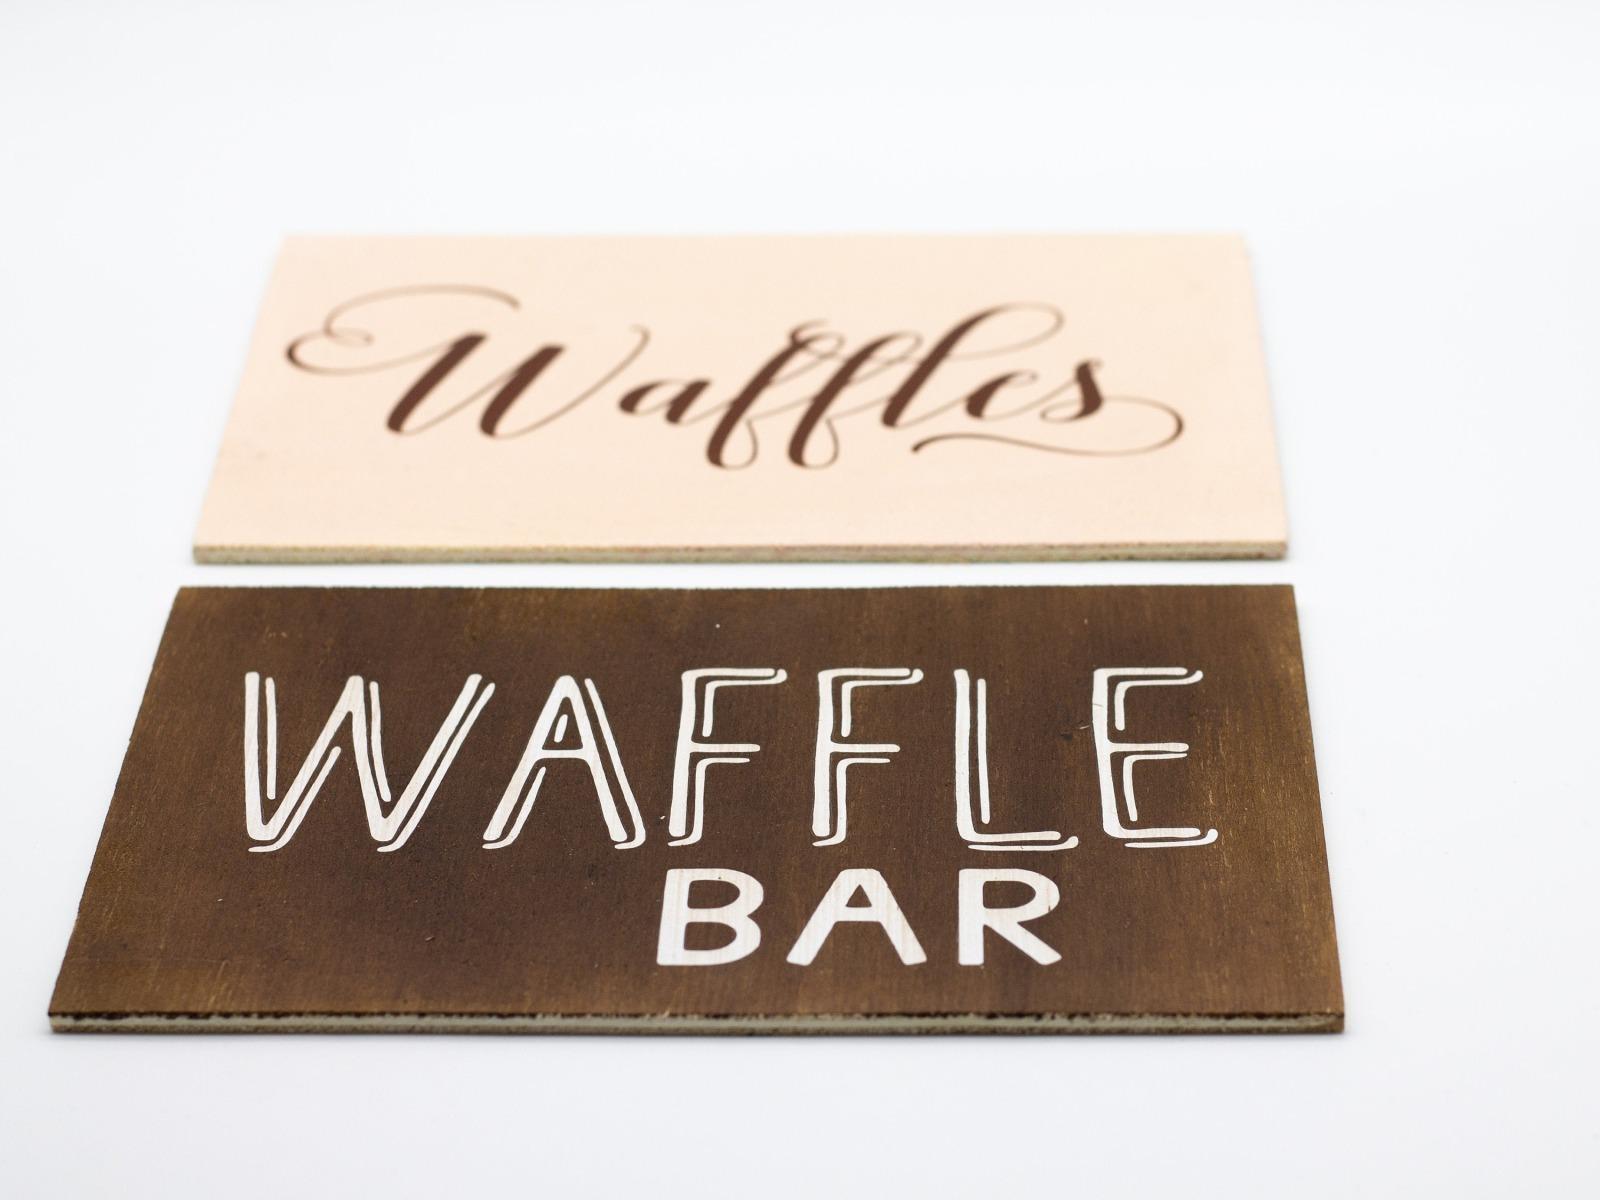 Waffle Bar Holzschild 4